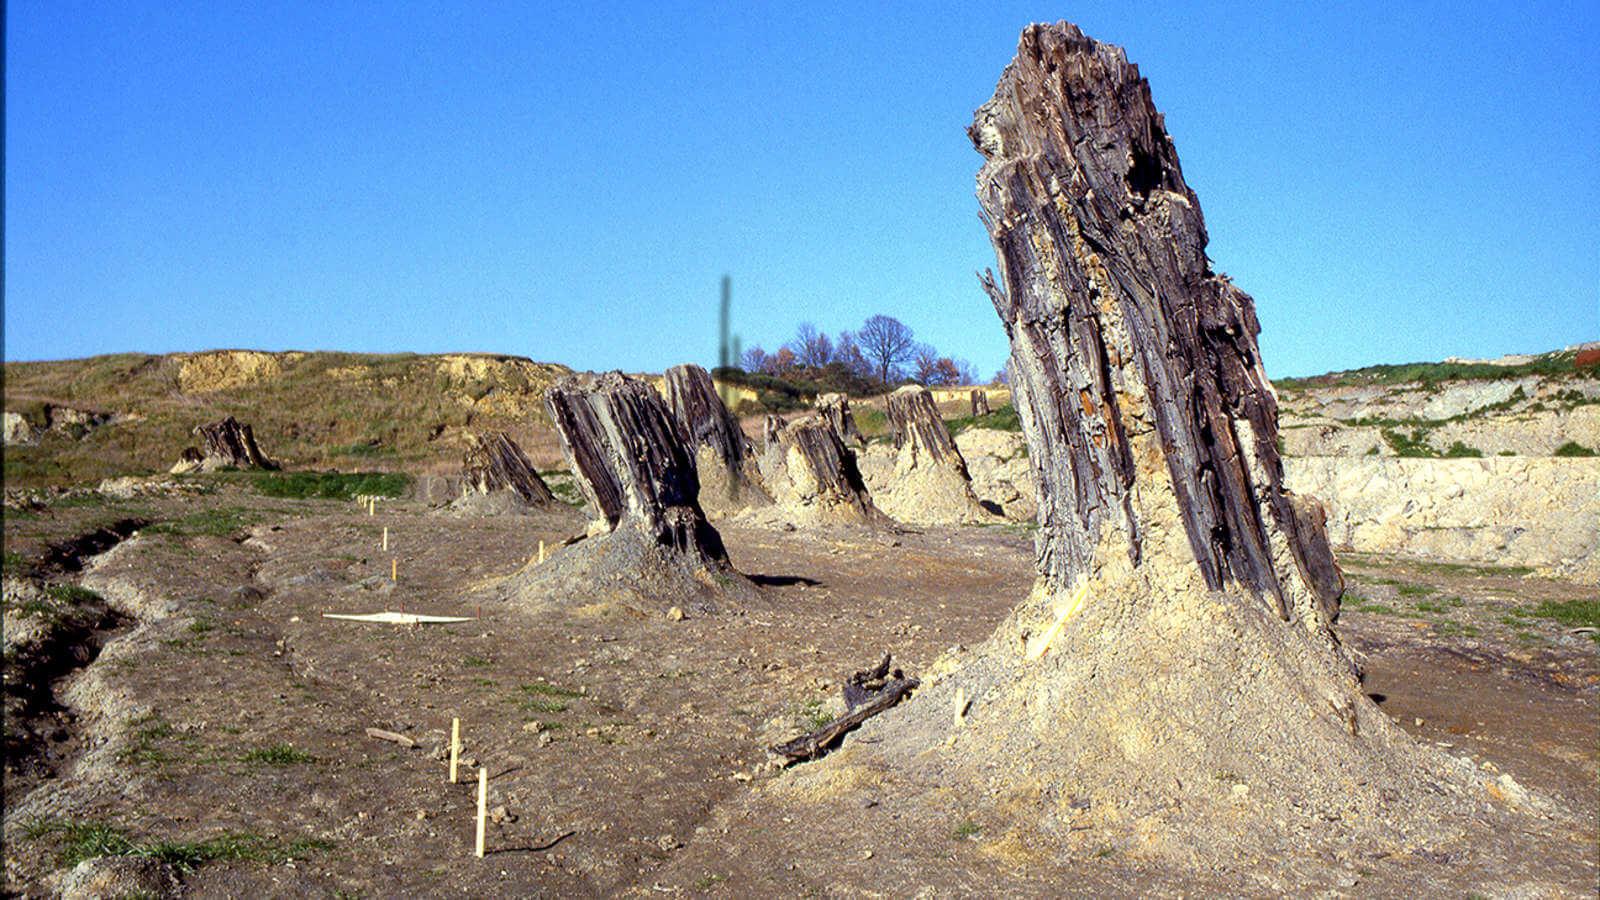 La foresta fossile di Dunarobba: Il bosco che si è conservato in legno per milioni di anni senza pietrificarsi.